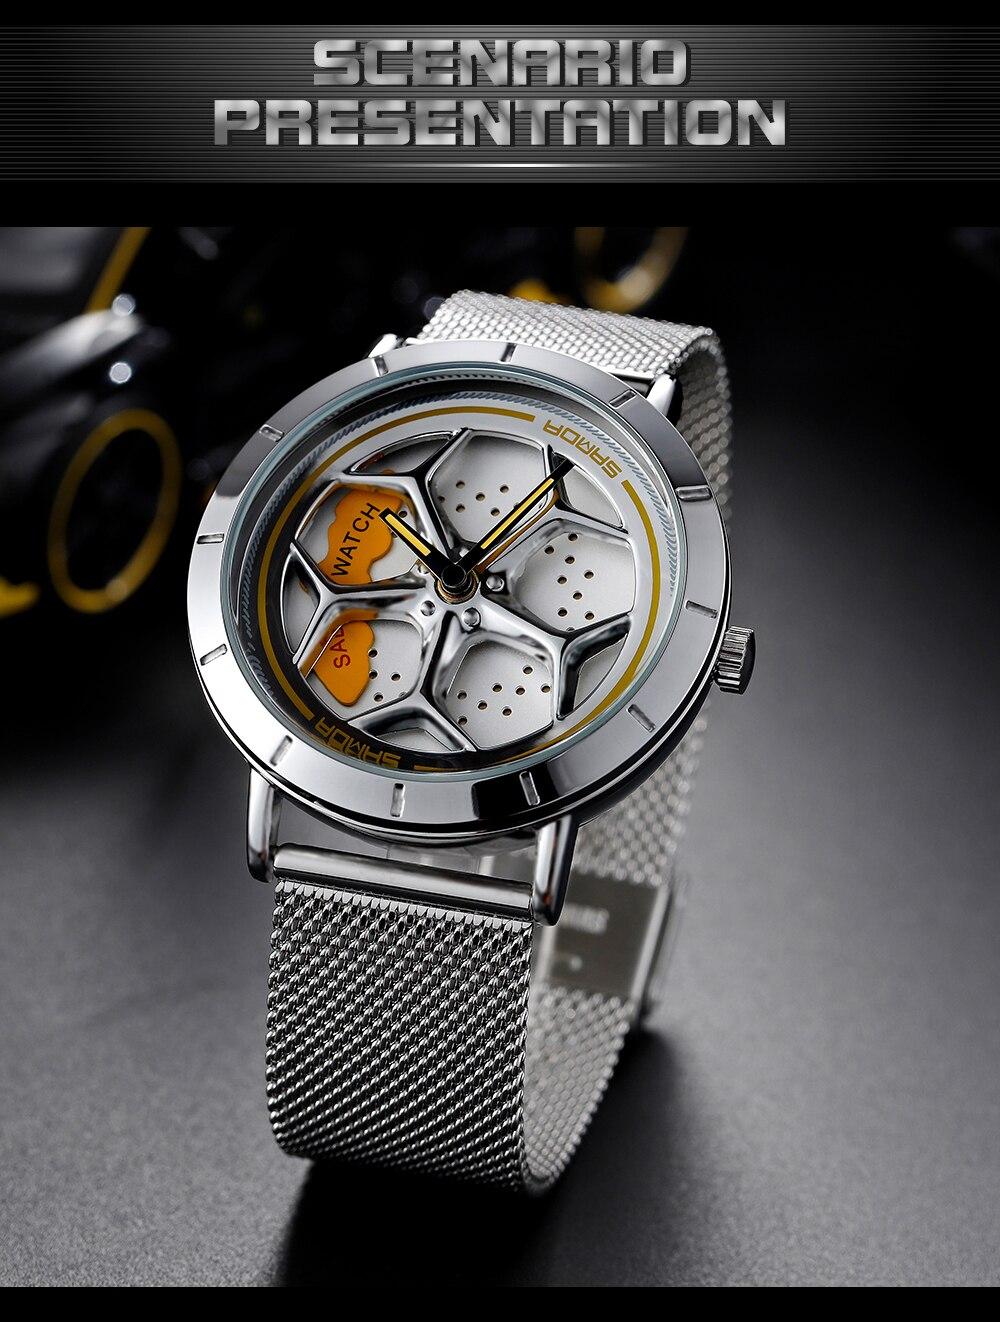 Hffac14fd02ab49d5af754b620fa20b28j Men's Watch 360 Degree Wheel Rotation Creative Quartz